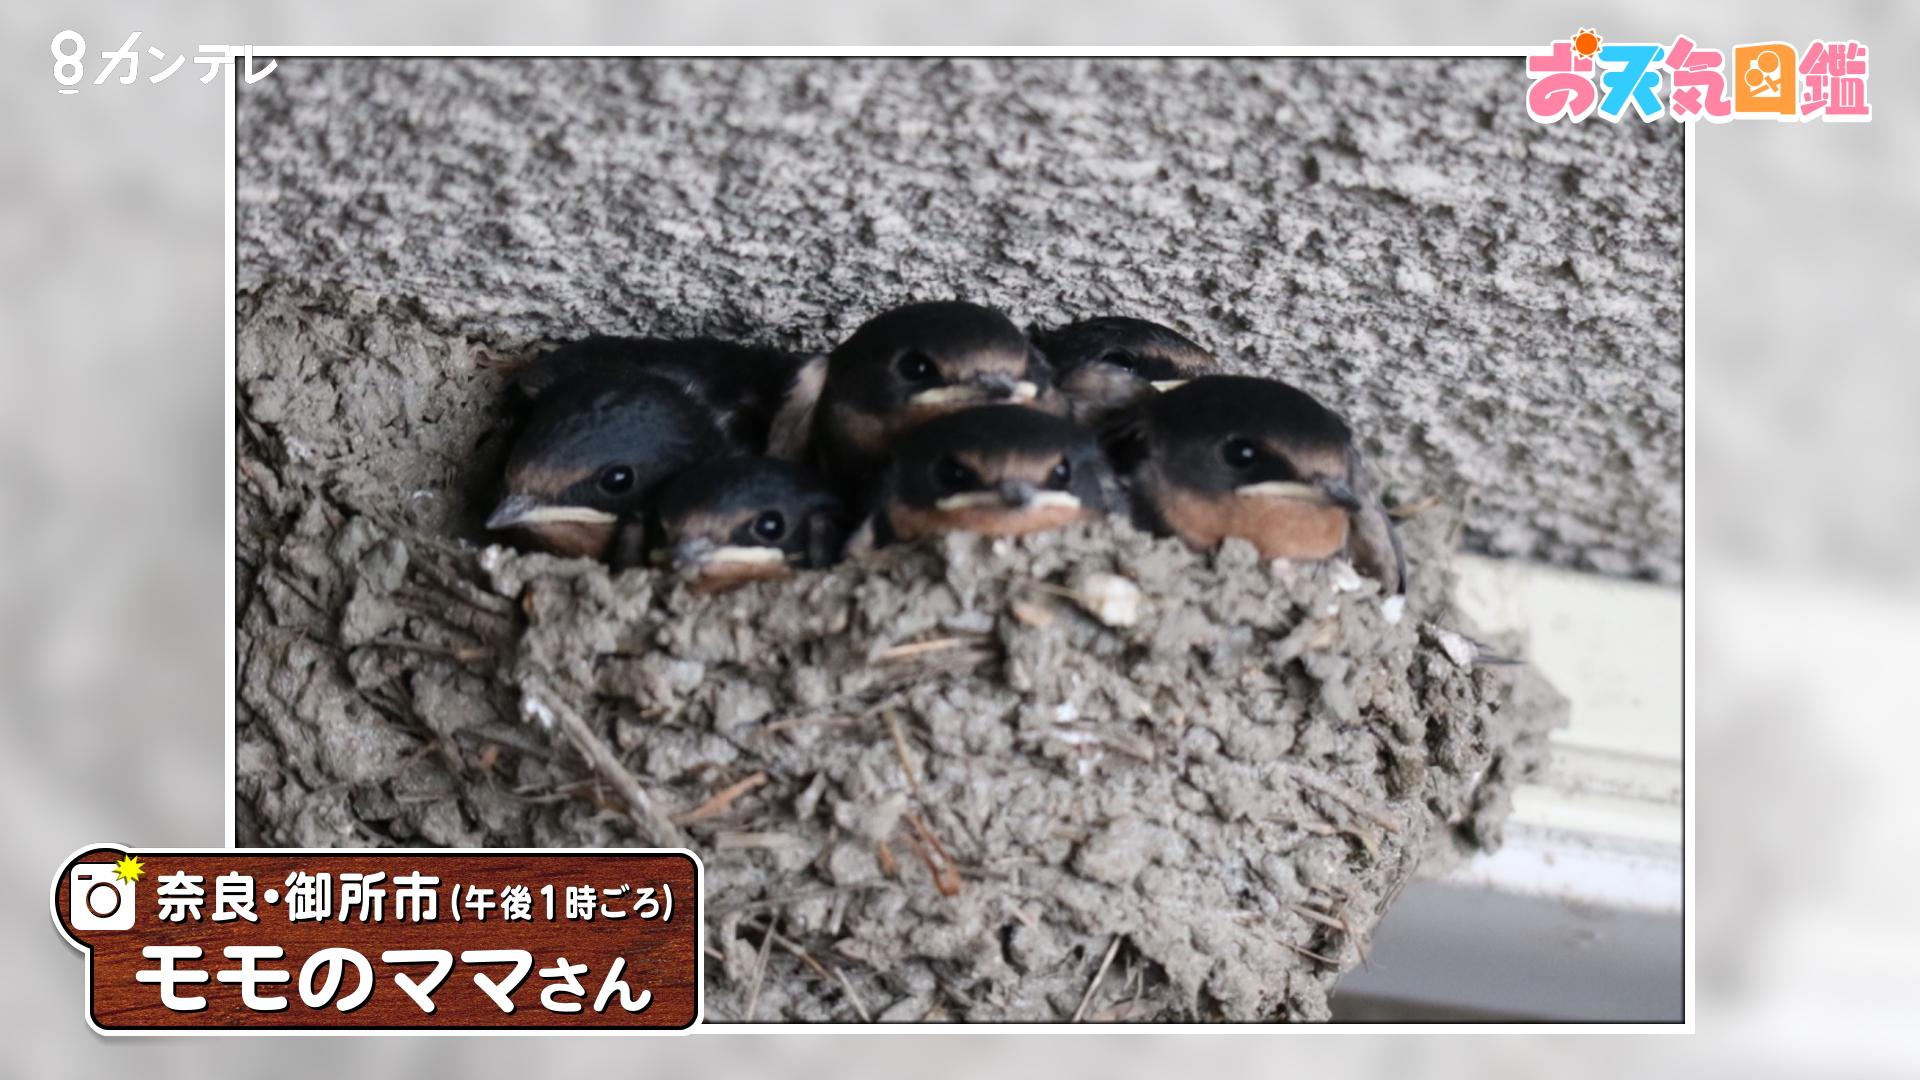 「ヒナ6羽、ギュウギュウ」(奈良・御所市)